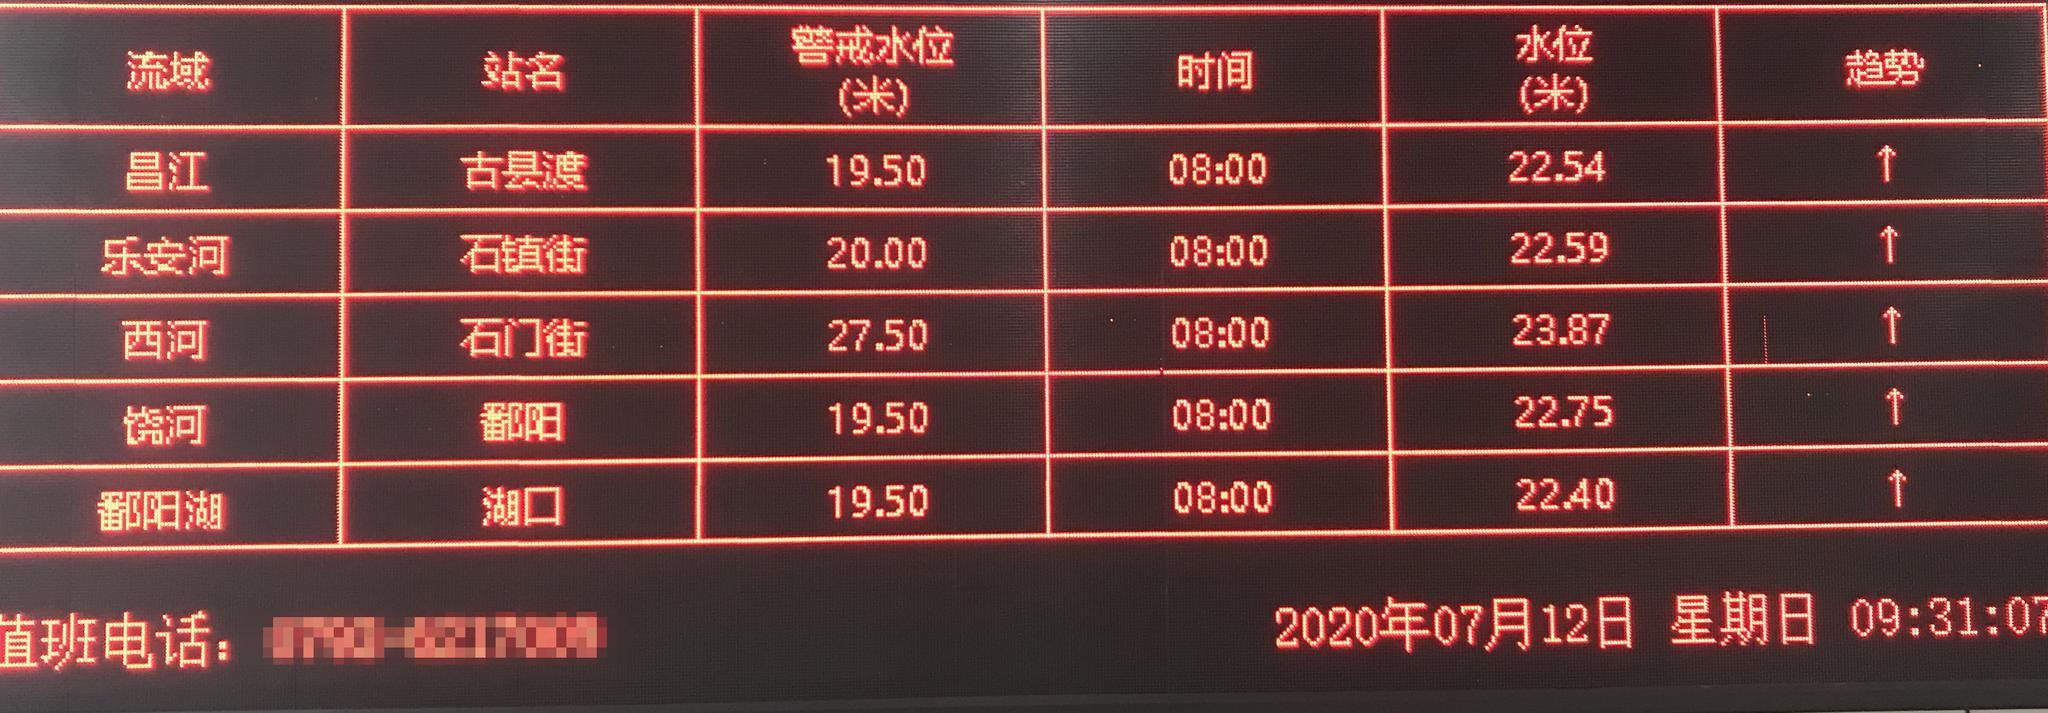 杏悦,西饶河鄱阳站水位破1998年历史极杏悦值图片